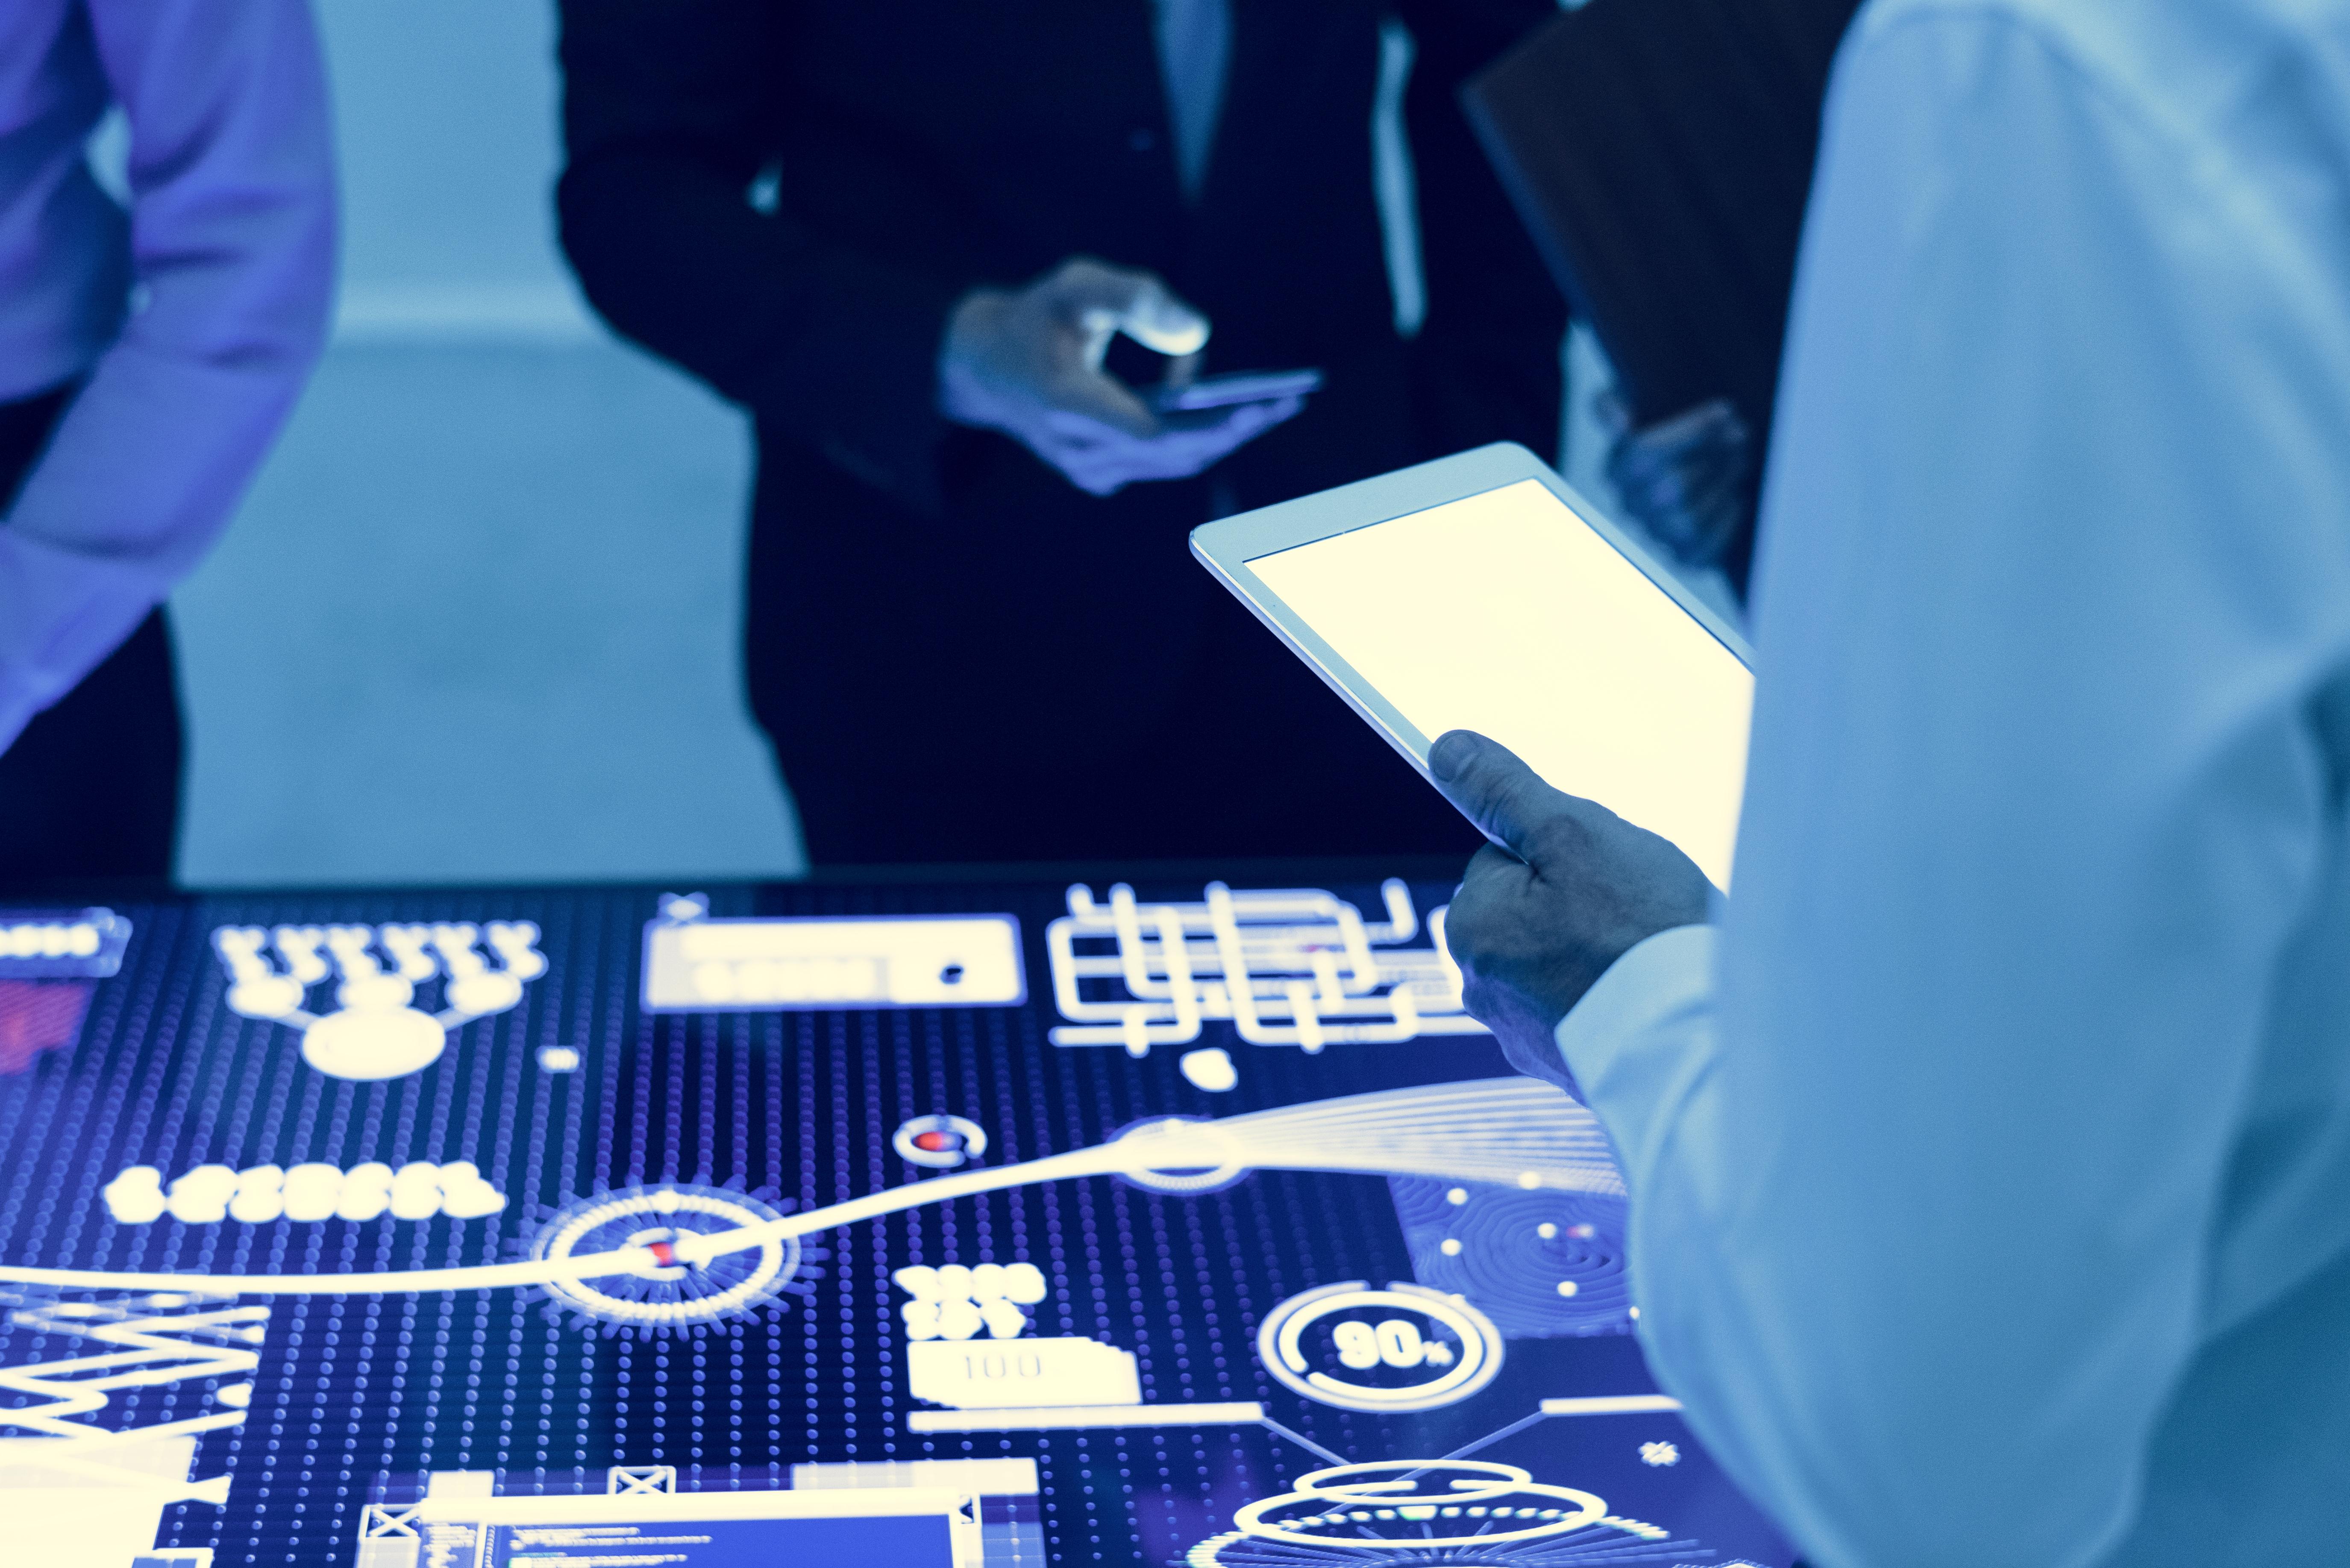 utcn în board-ul consiliului național pentru transformare digitală